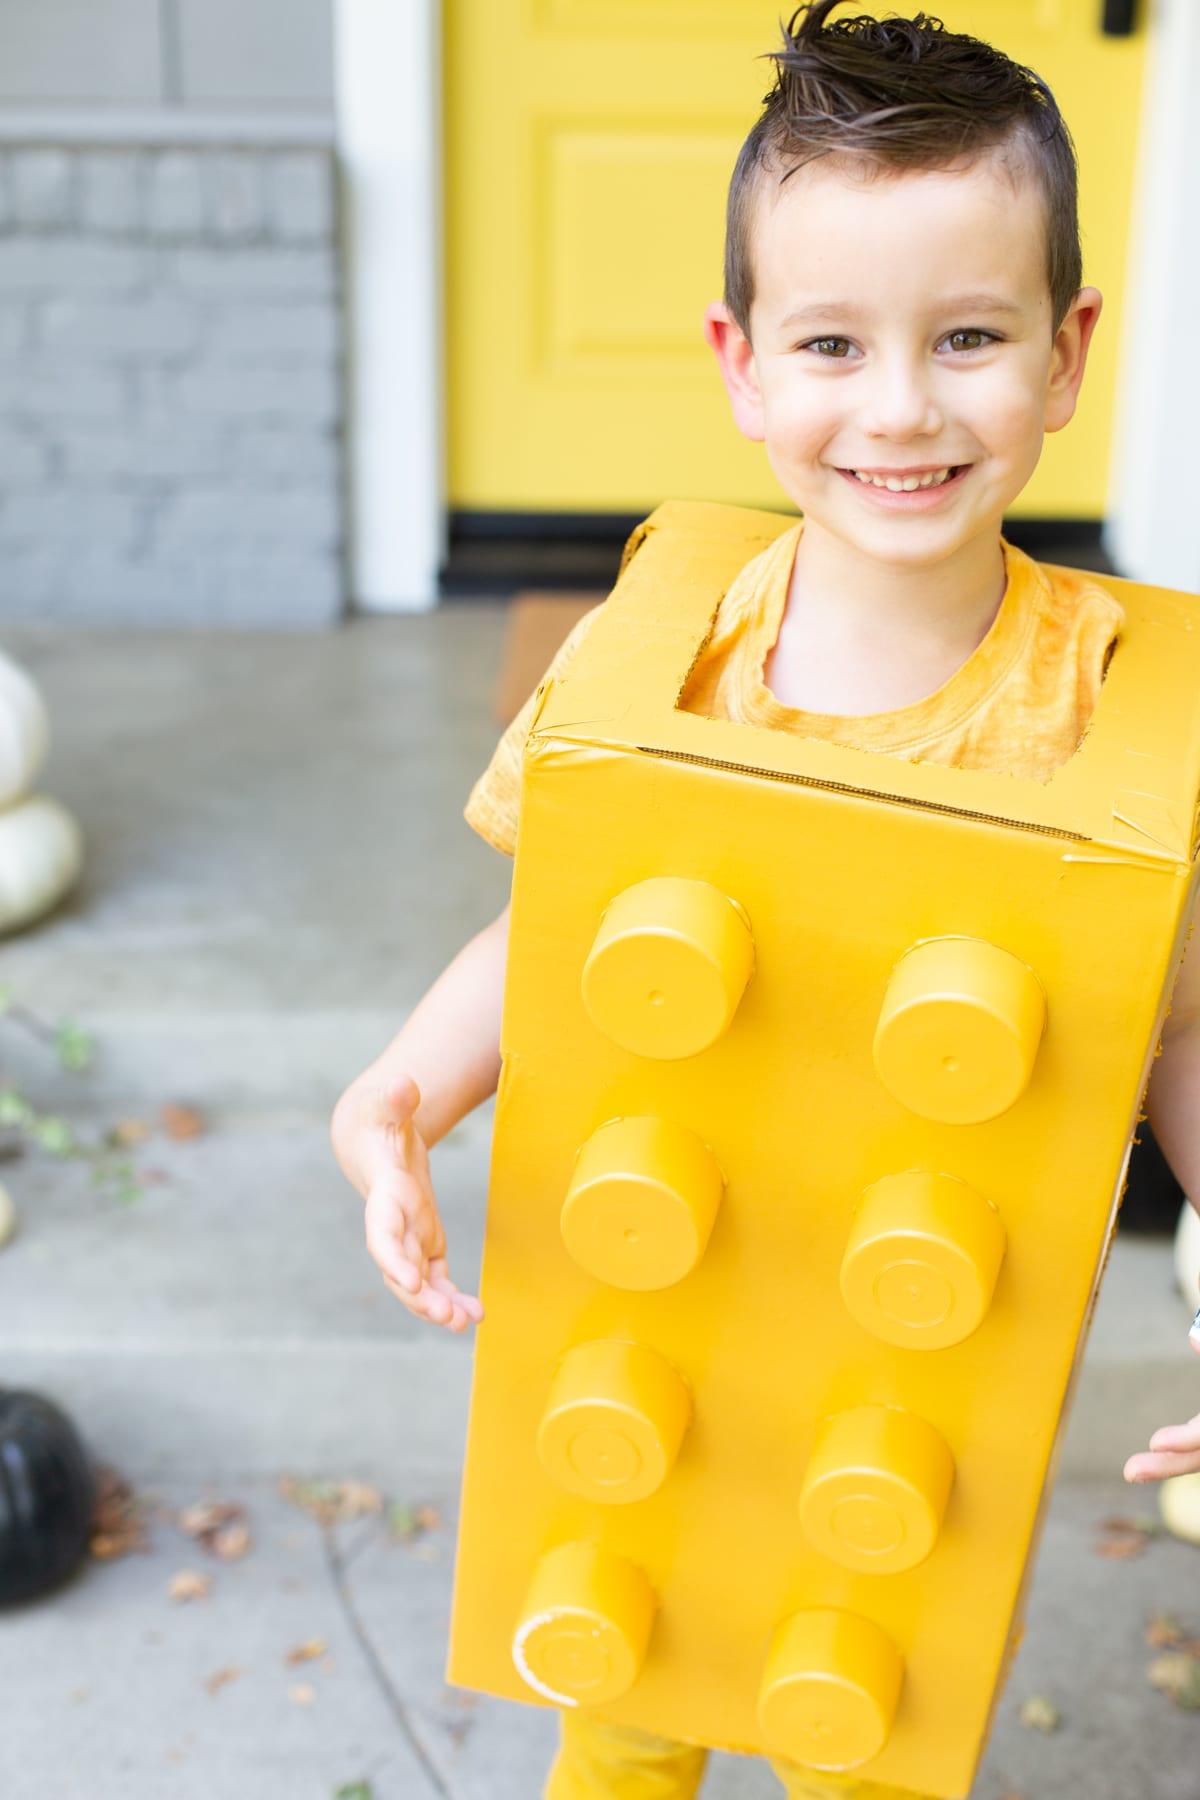 disfrace niño super original, ideas creativas de disfraces halloween niño, fotos de niños disfrazados